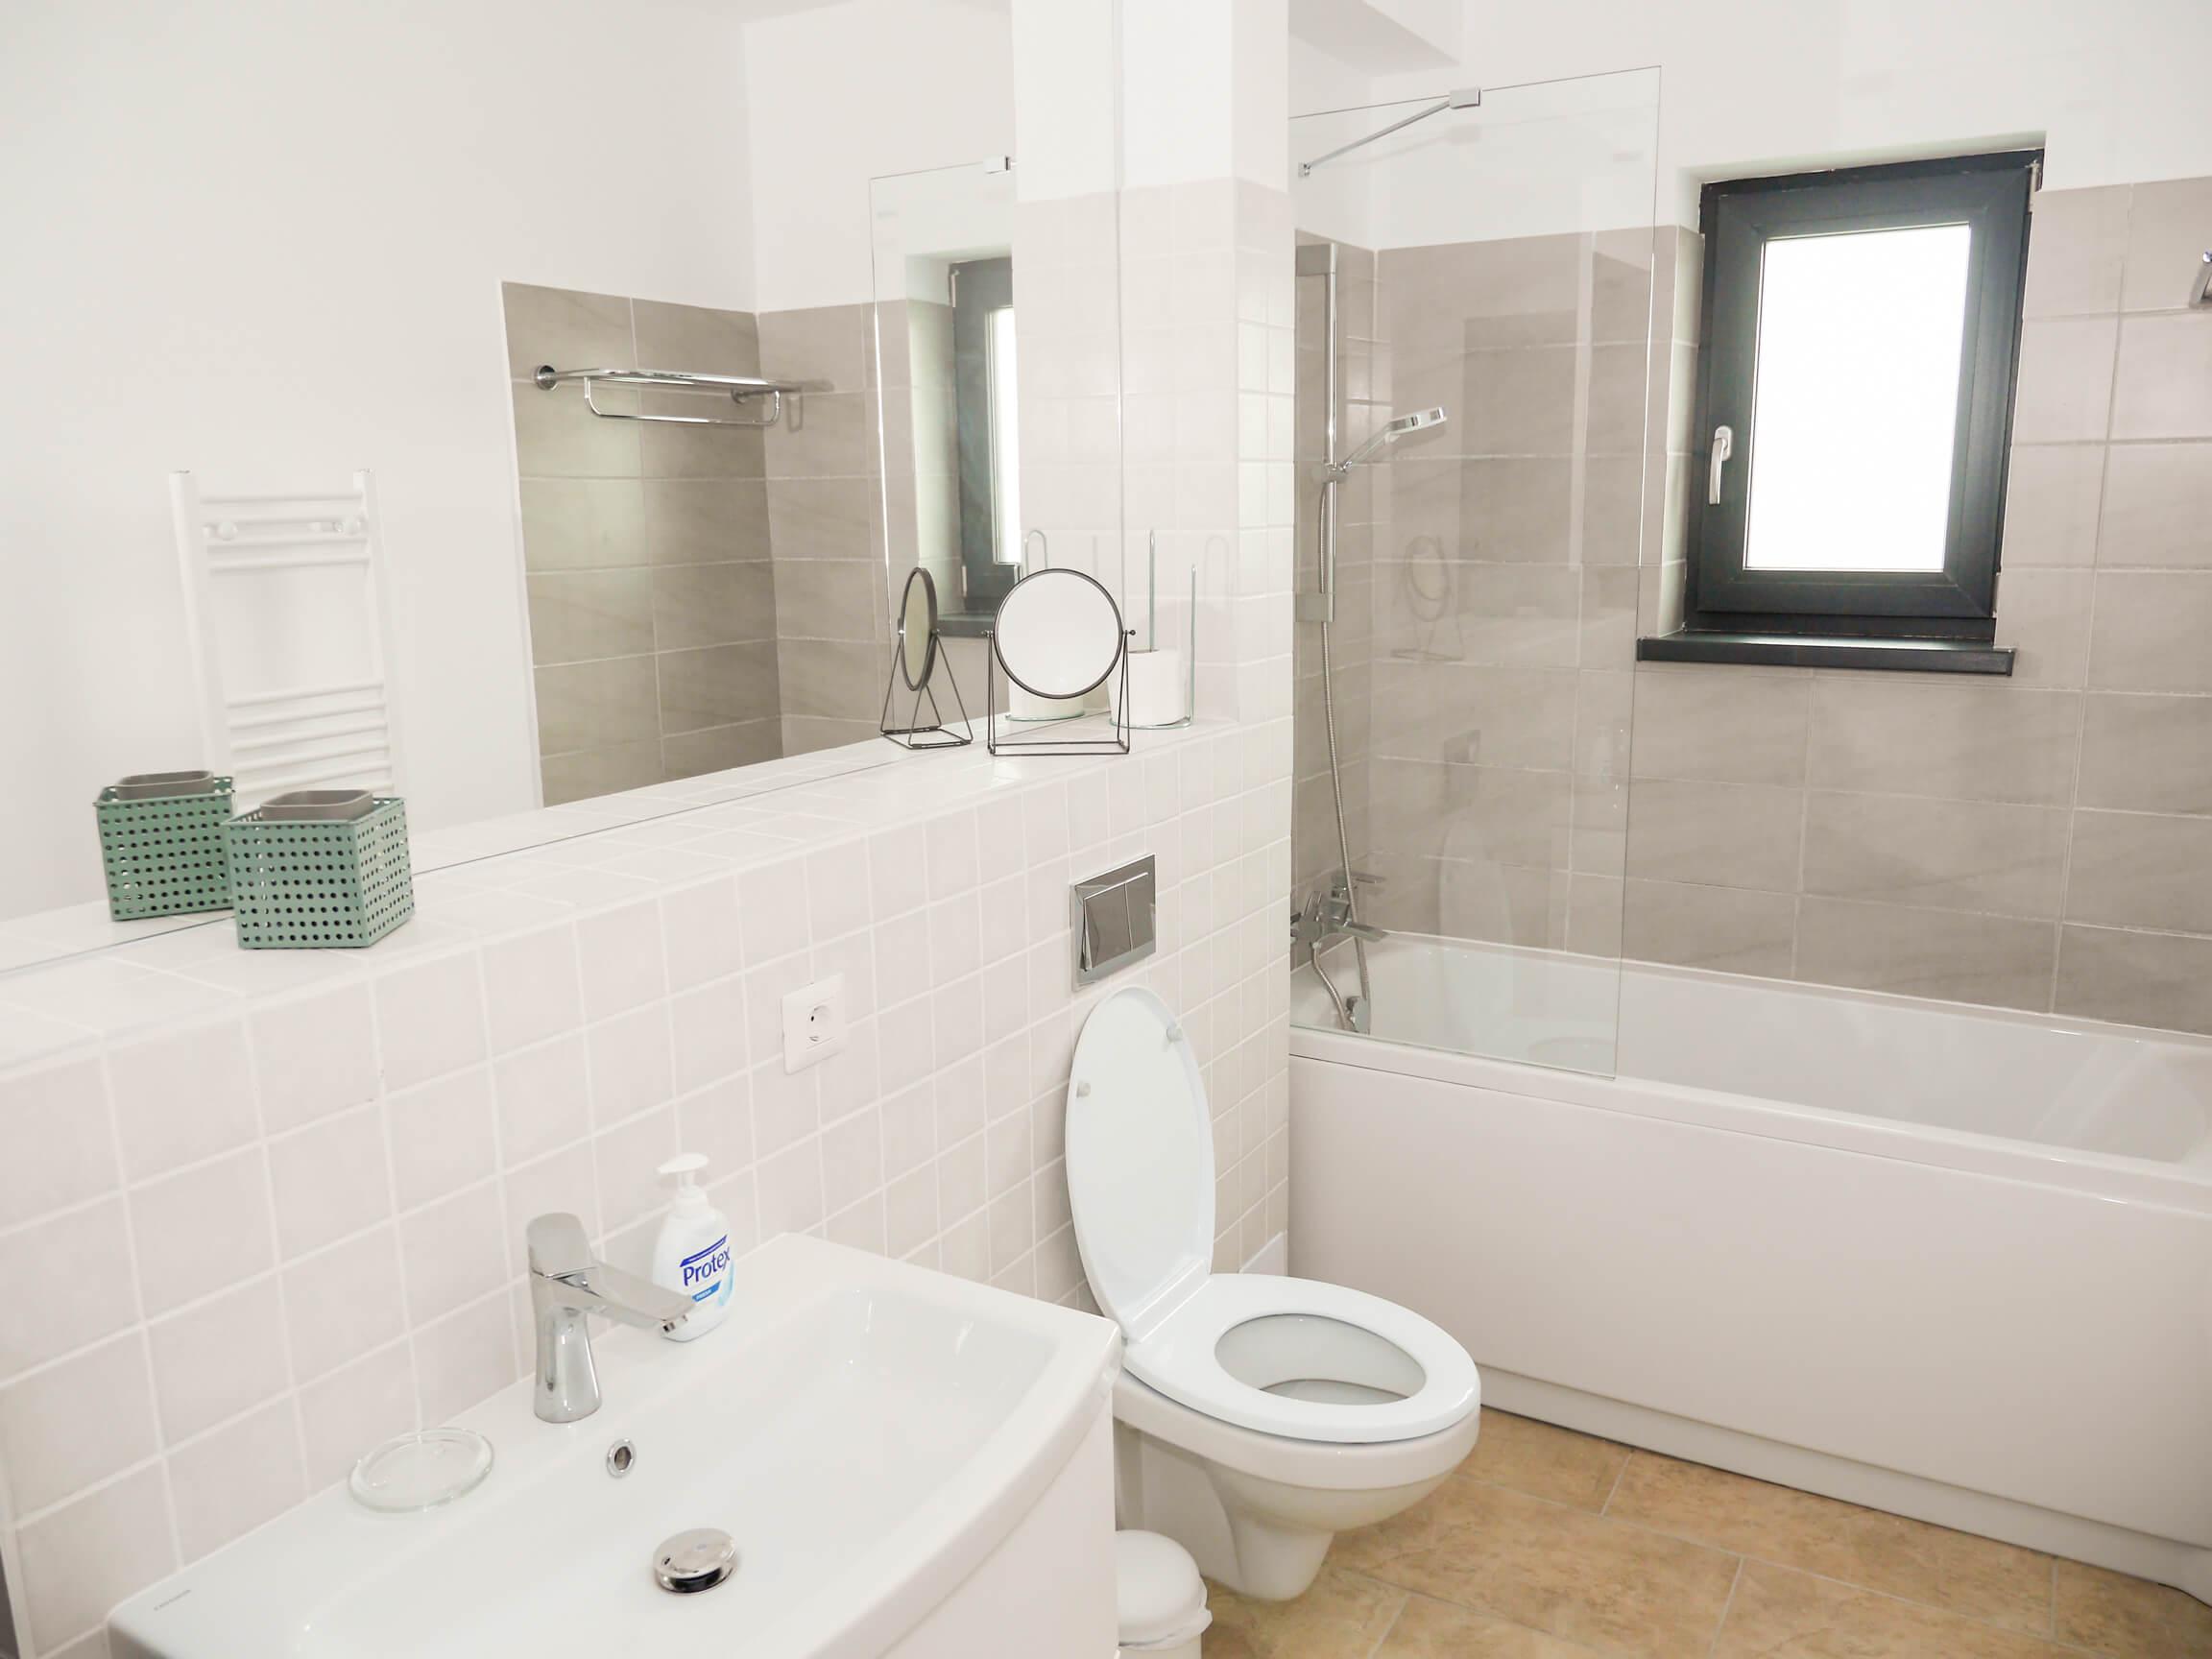 Clement Apartments - apartamente de inchiriat in regim hotelier - cazare neamt - cazare piatra neamt - apartament 5 (1)